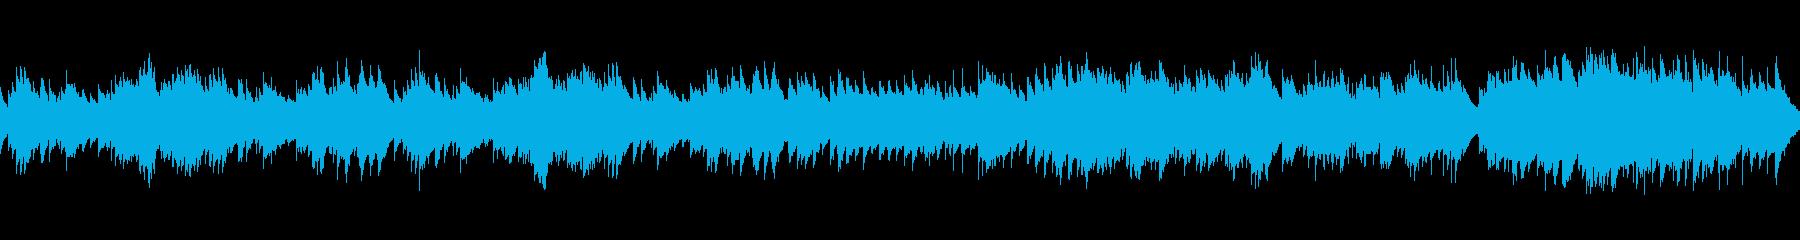 ミステリアスなチェレスタ(ループ)の再生済みの波形